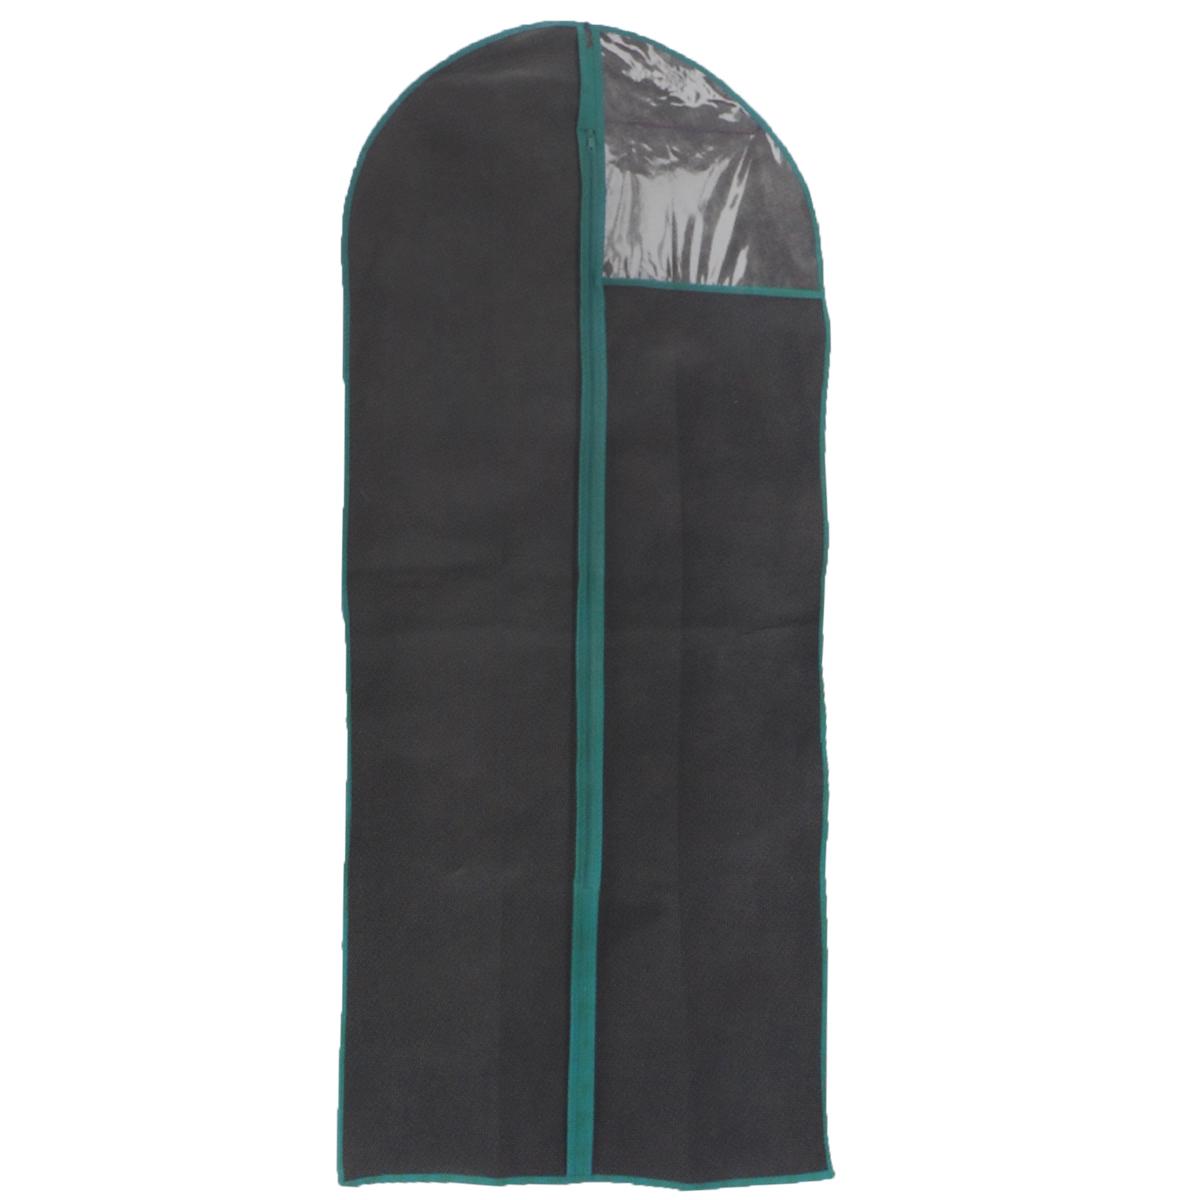 Чехол для одежды, цвет: черный, 60 см х 90 смCLP446Чехол для одежды изготовлен из высококачественного нетканого материала. Особое строение полотна создает естественную вентиляцию: материал дышит и позволяет воздуху свободно проникать внутрь чехла, не пропуская пыль. Благодаря форме чехла, одежда не мнется даже при длительном хранении. Застегивается на молнию. Окошко из пластика позволяет видеть, какие вещи находятся внутри. Чехол для одежды будет очень полезен при транспортировке вещей на близкие и дальние расстояния, при длительном хранении сезонной одежды, а также при ежедневном хранении вещей из деликатных тканей. Чехол для одежды не только защитит ваши вещи от пыли и влаги, но и поможет доставить одежду на любое мероприятие в идеальном состоянии.